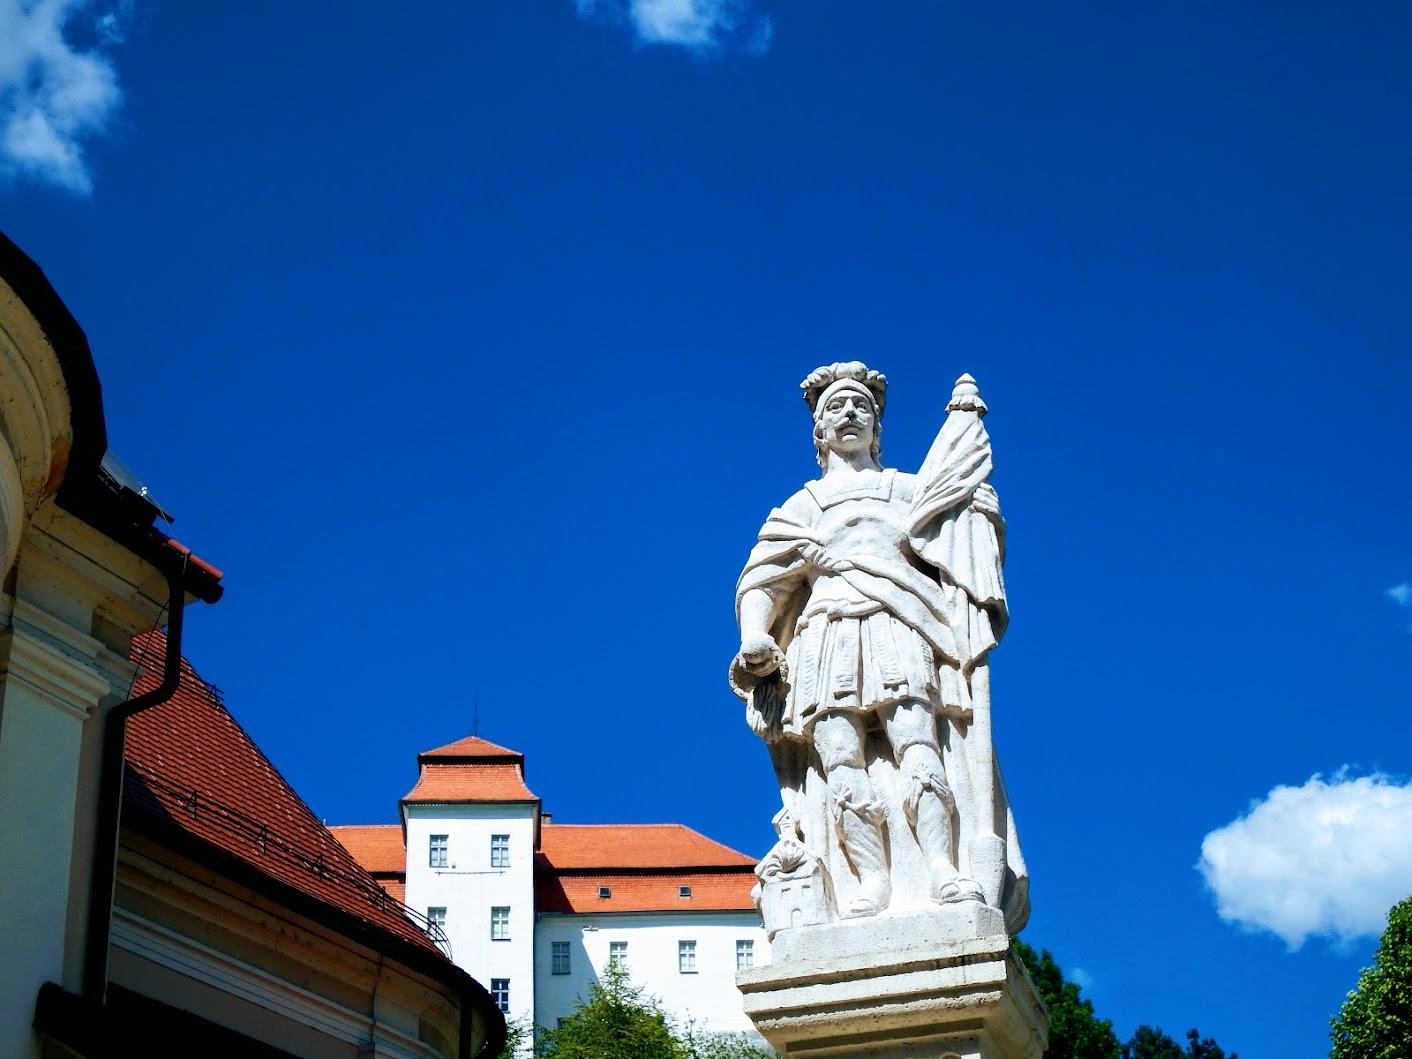 Lendava (Lendva) - kip sv. Florijana na Cerkvenem trgu (Szent Flórián-szobor a templom téren)